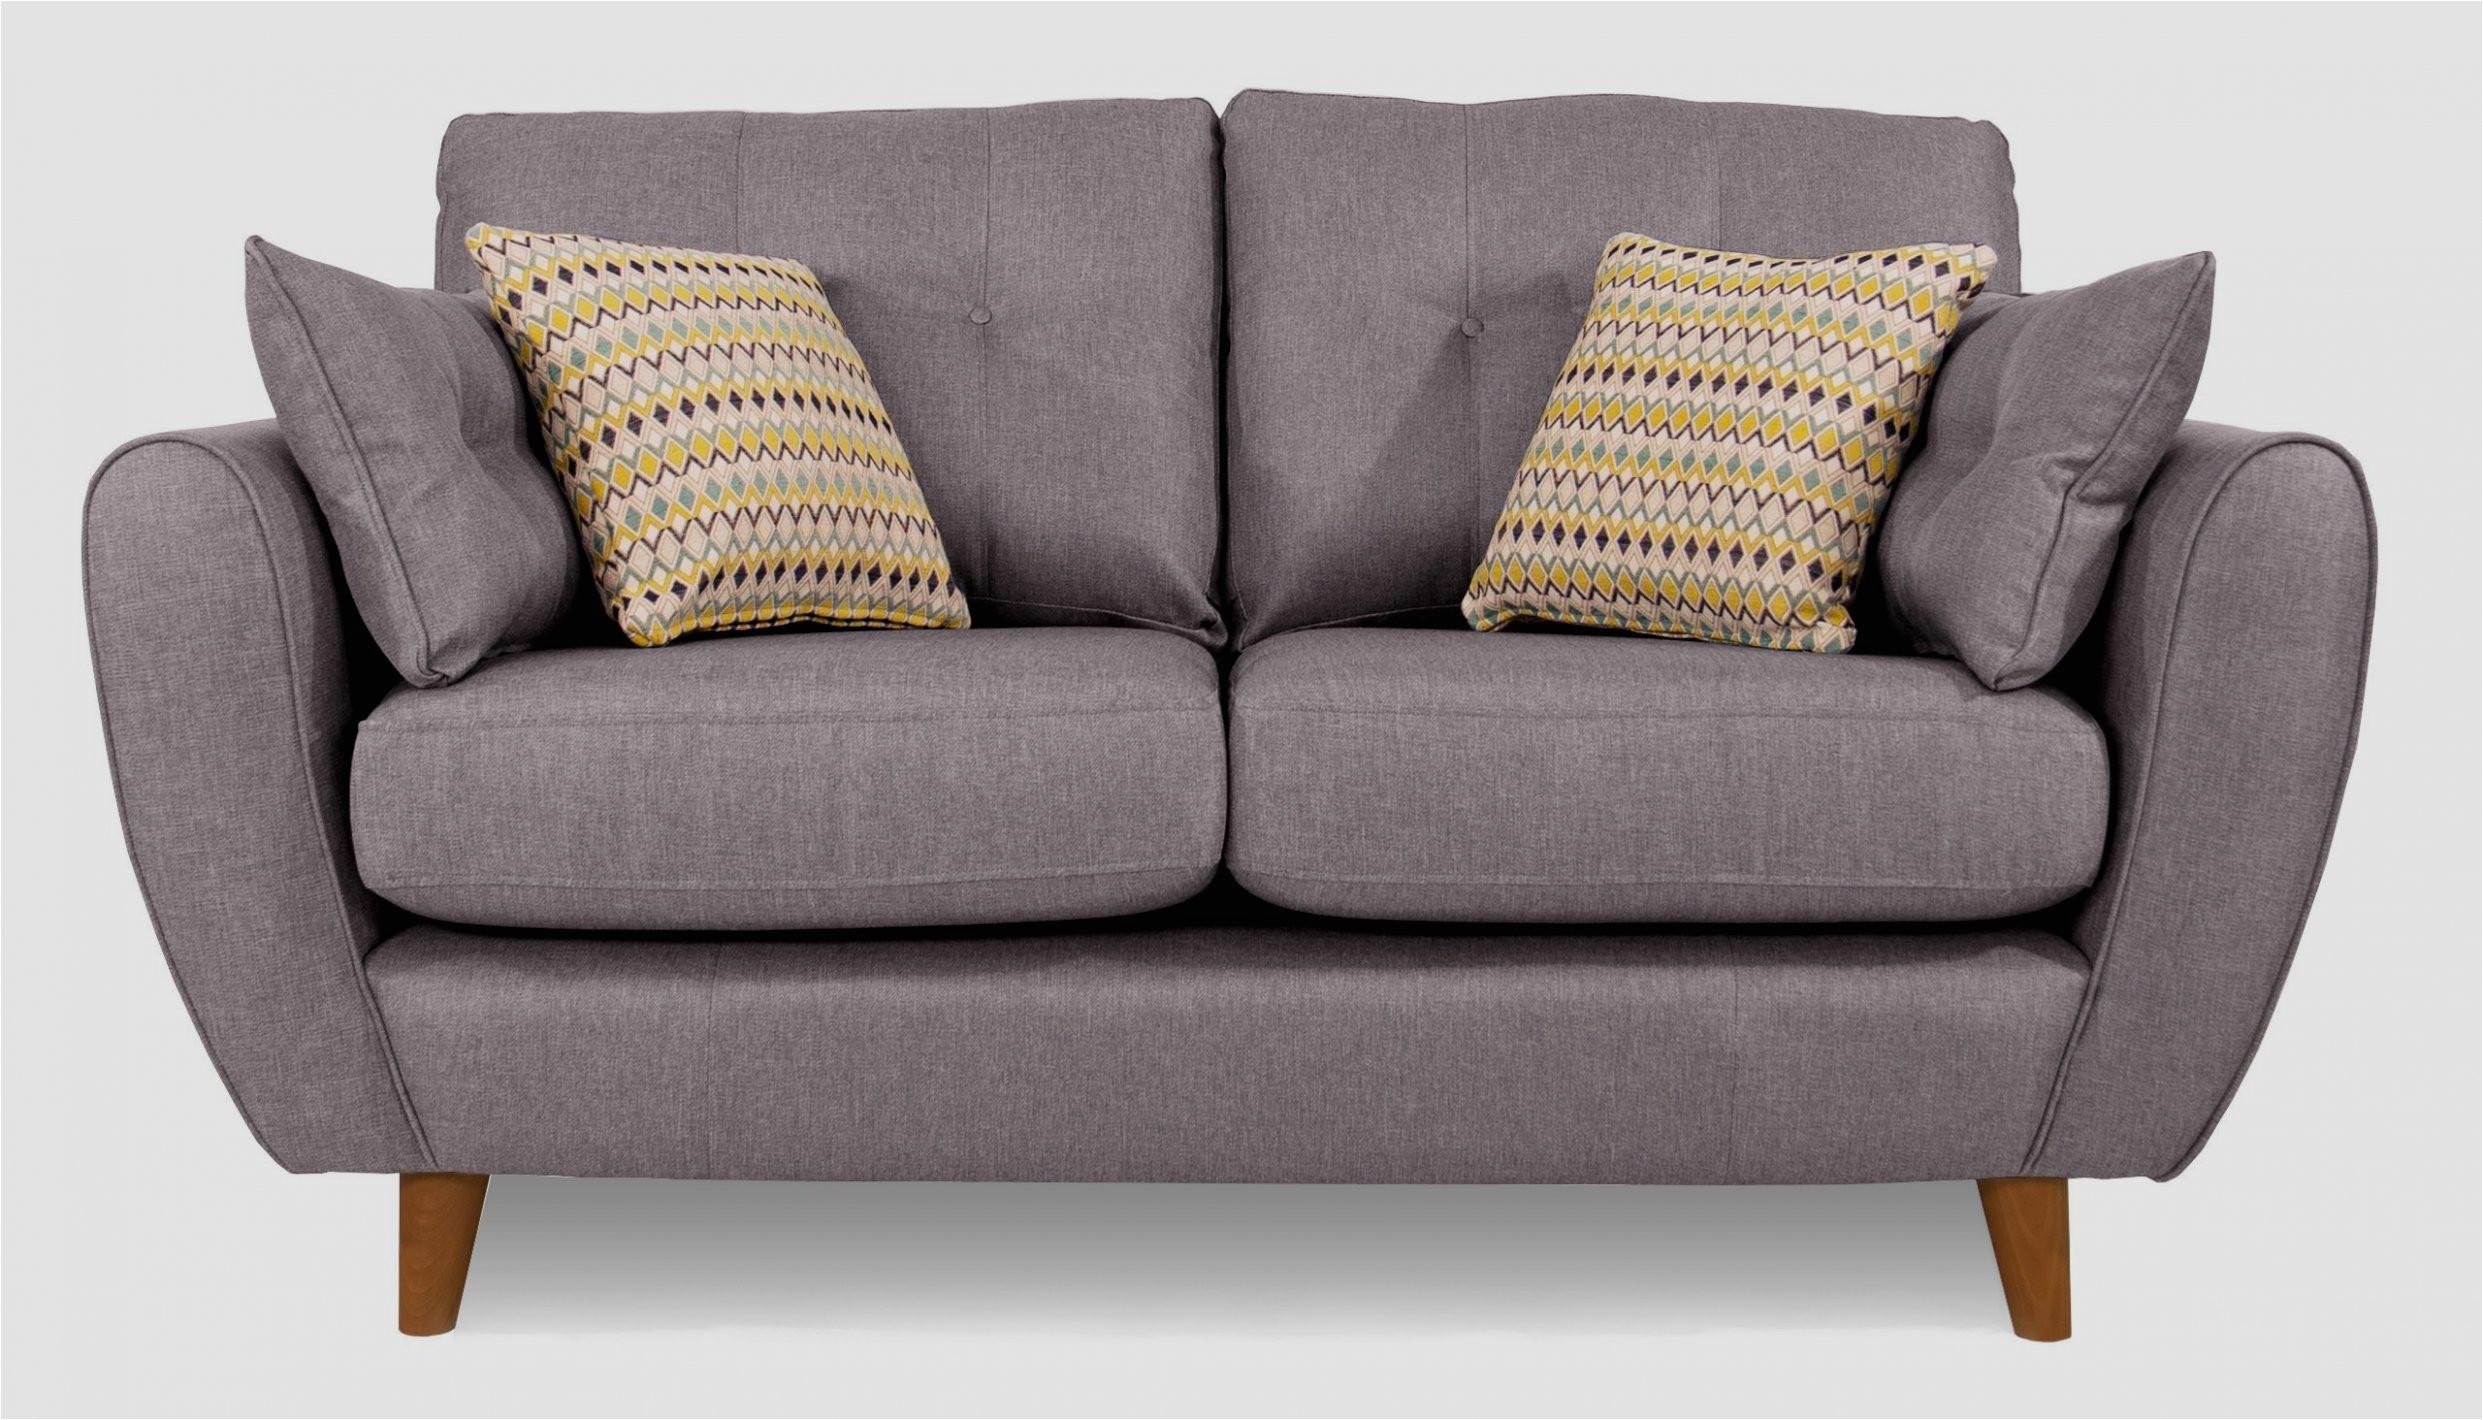 sofa or couch fresh couch kinderzimmer auch inspirierend schlafsofa kinderzimmer 0d